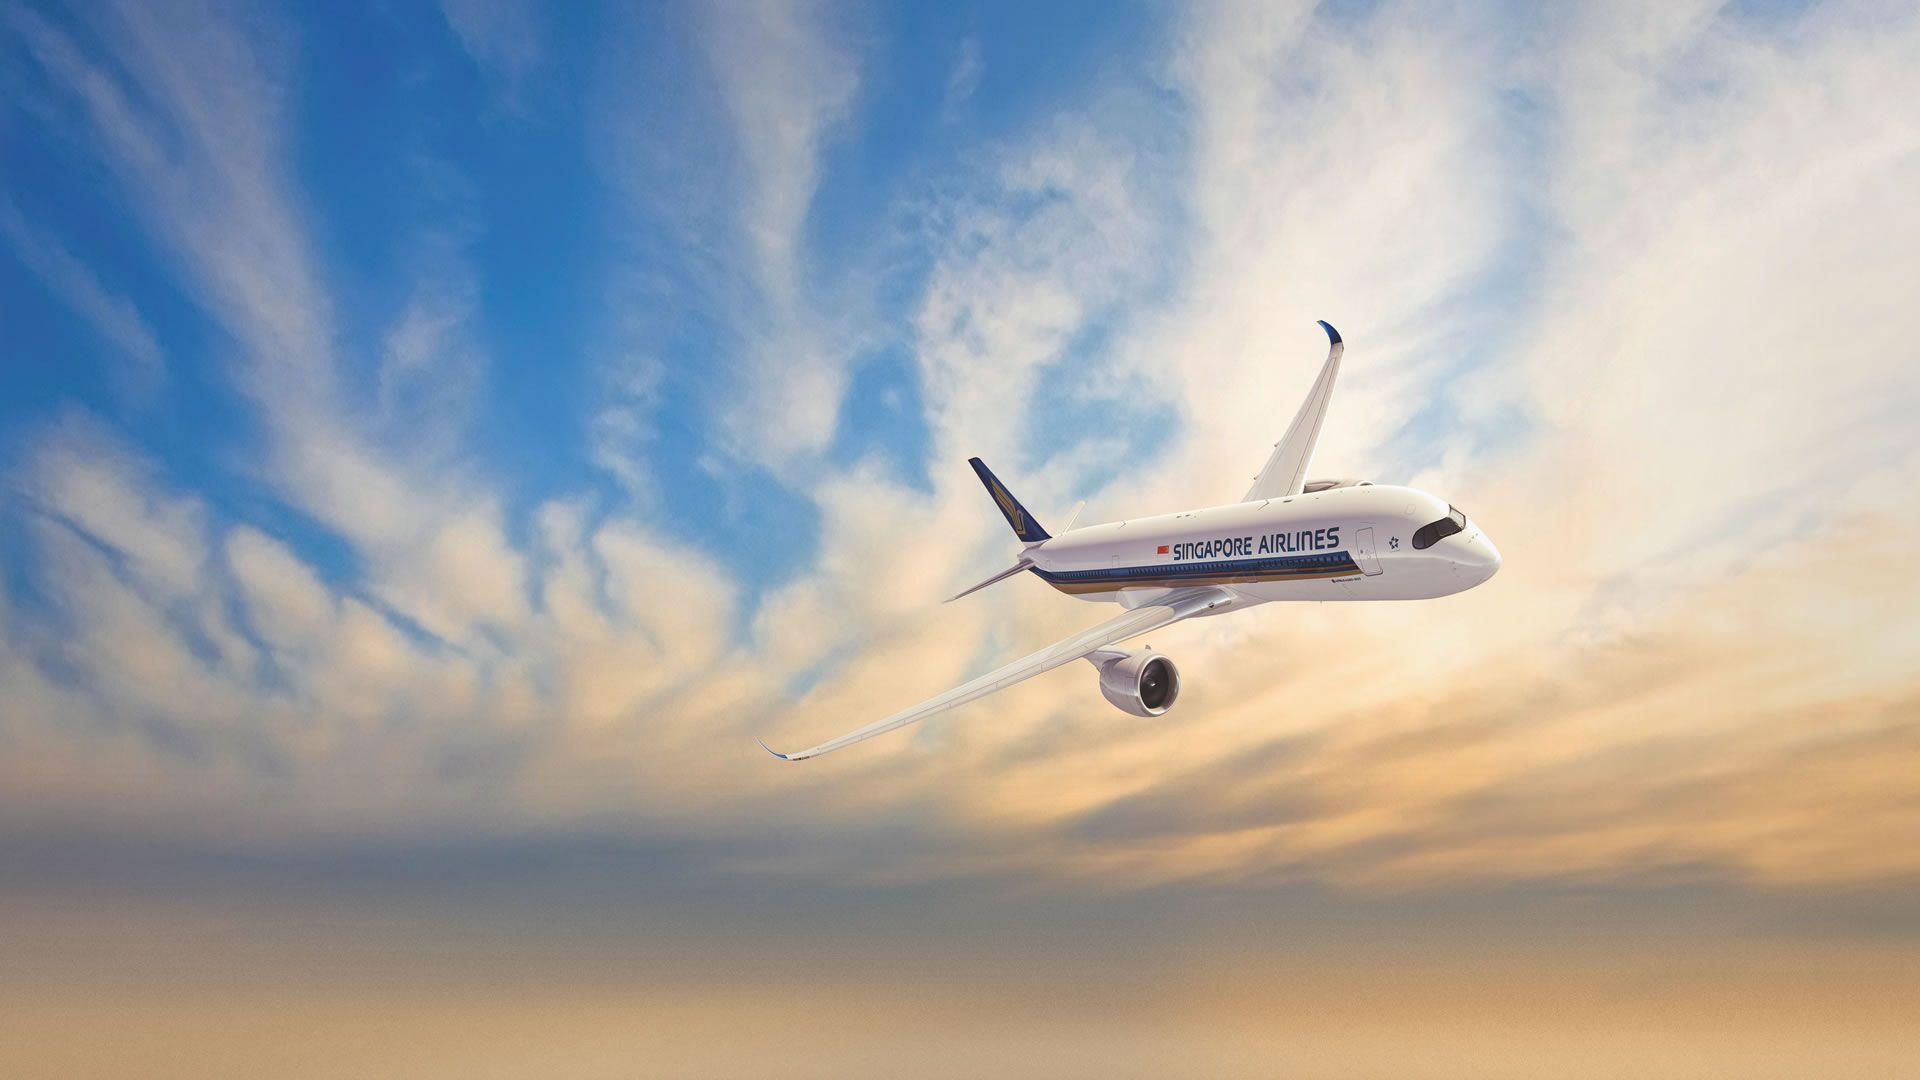 Las 10 mejores aerolíneas del mundo: ranking 2018